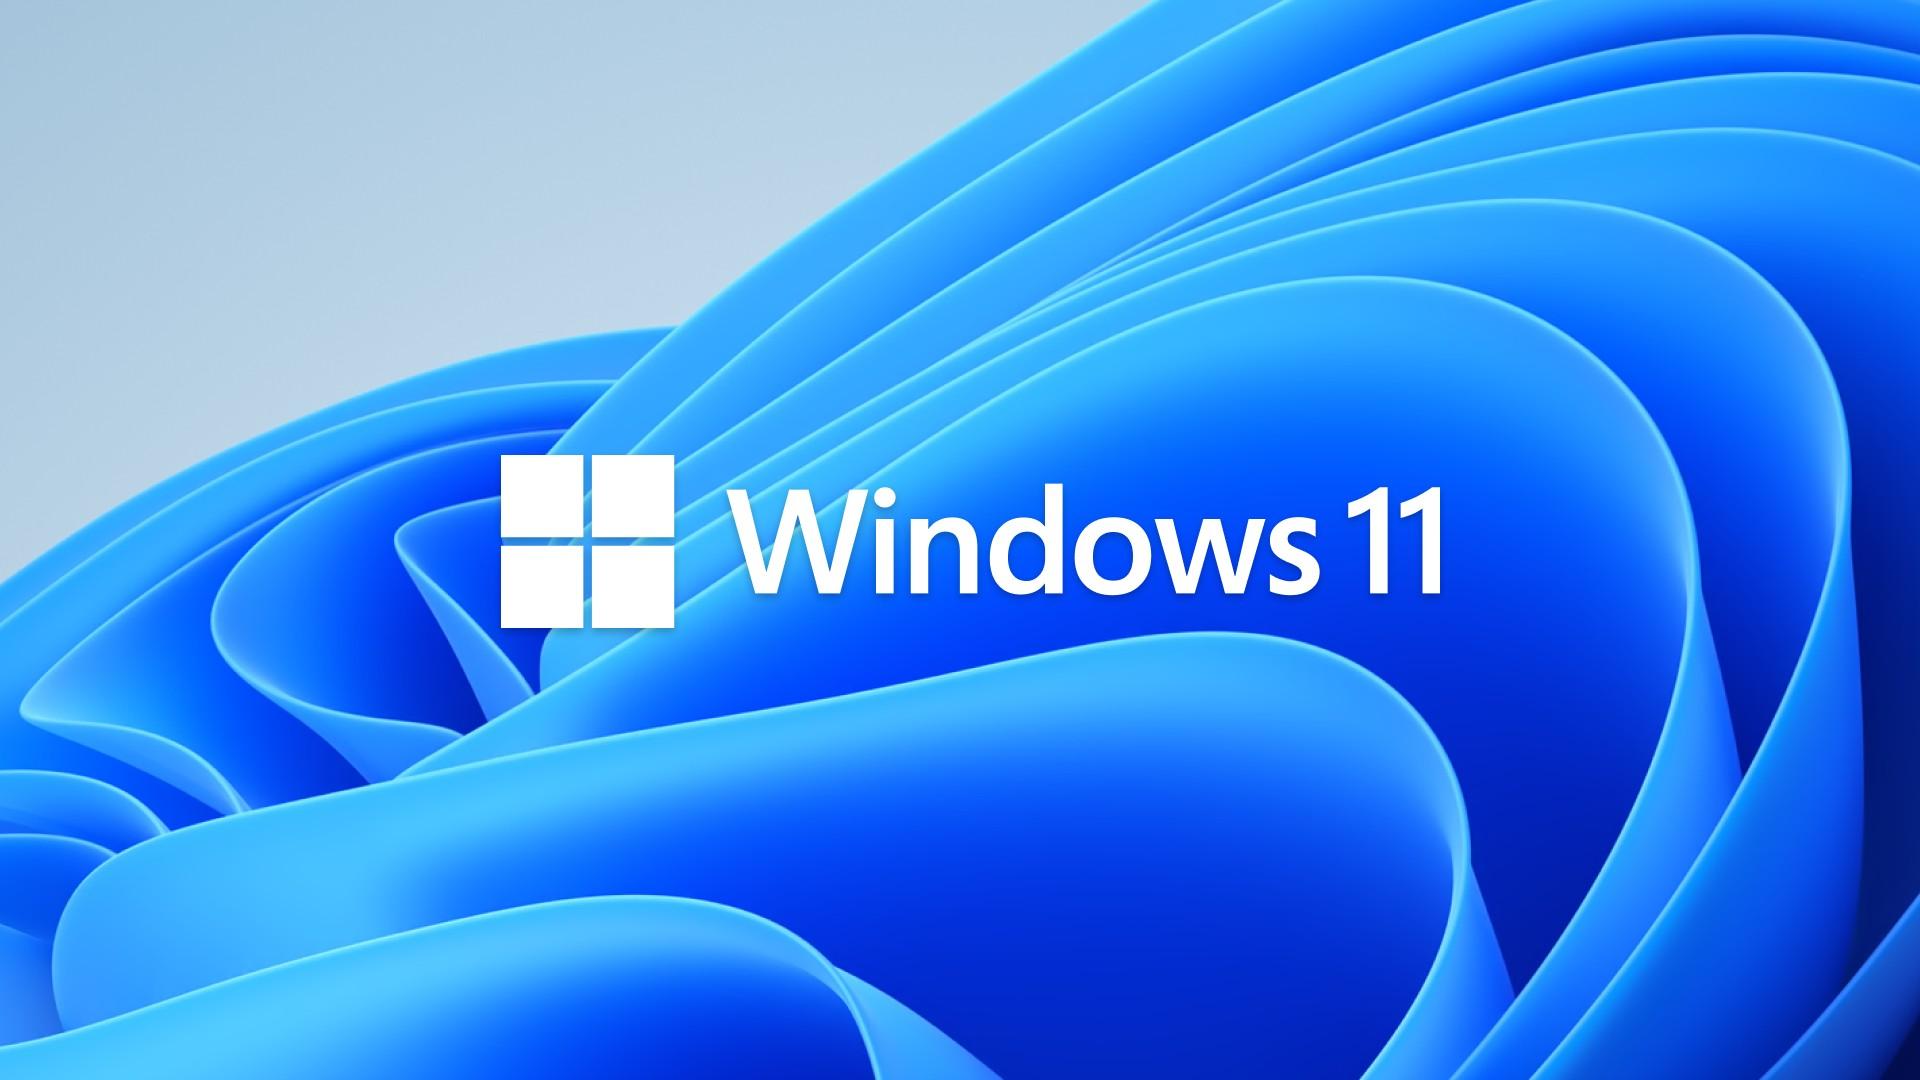 Корпорация Microsoft представила обновленную версию своей операционной системы – Windows 11